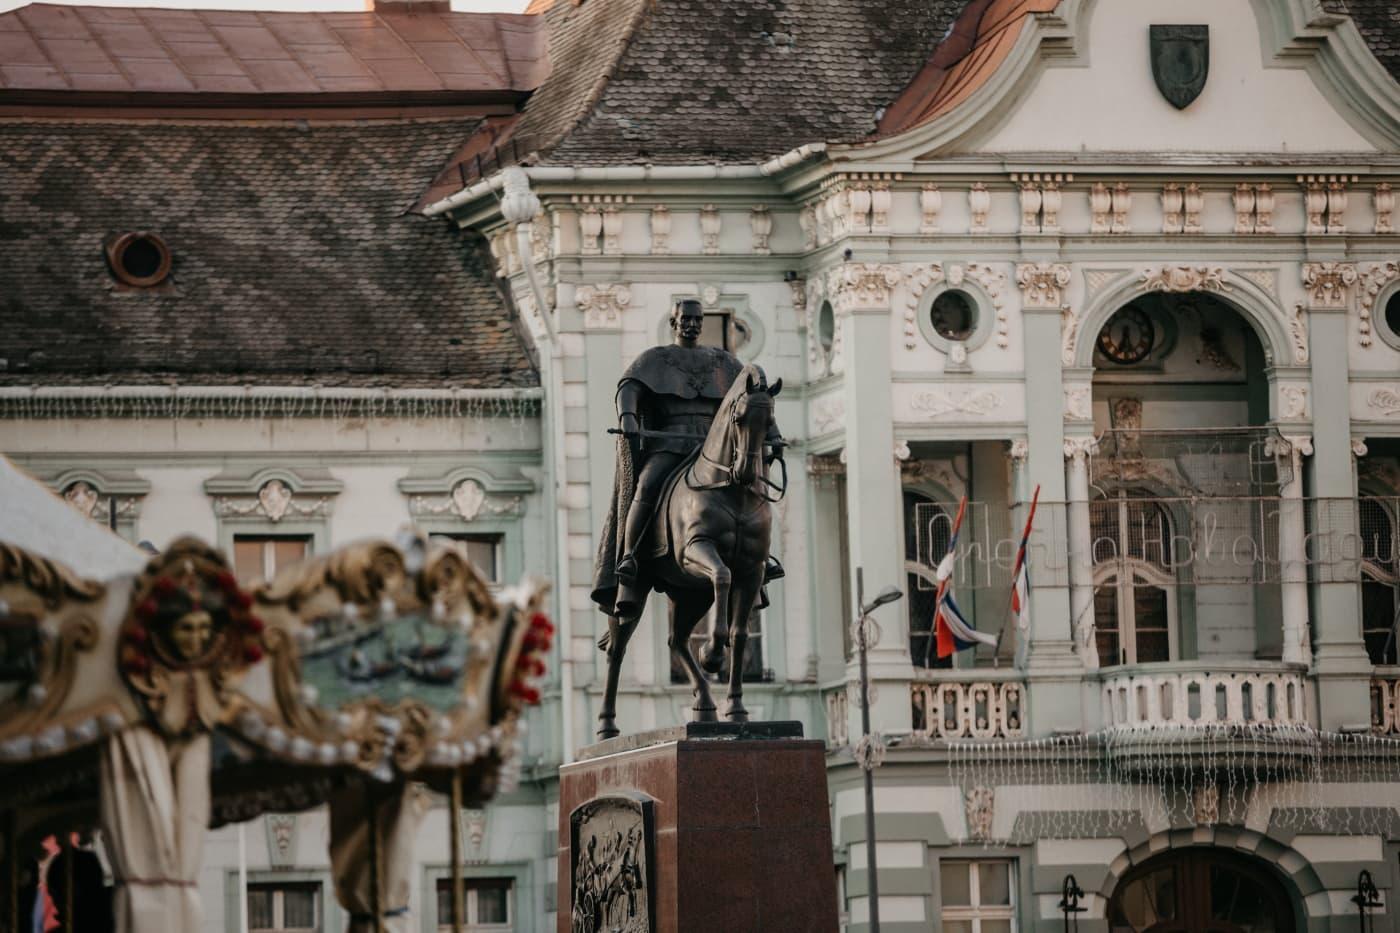 центр города, скульптура, бронзовый, городской район, улица, Мемориал, статуя, памятник, построение, фасад